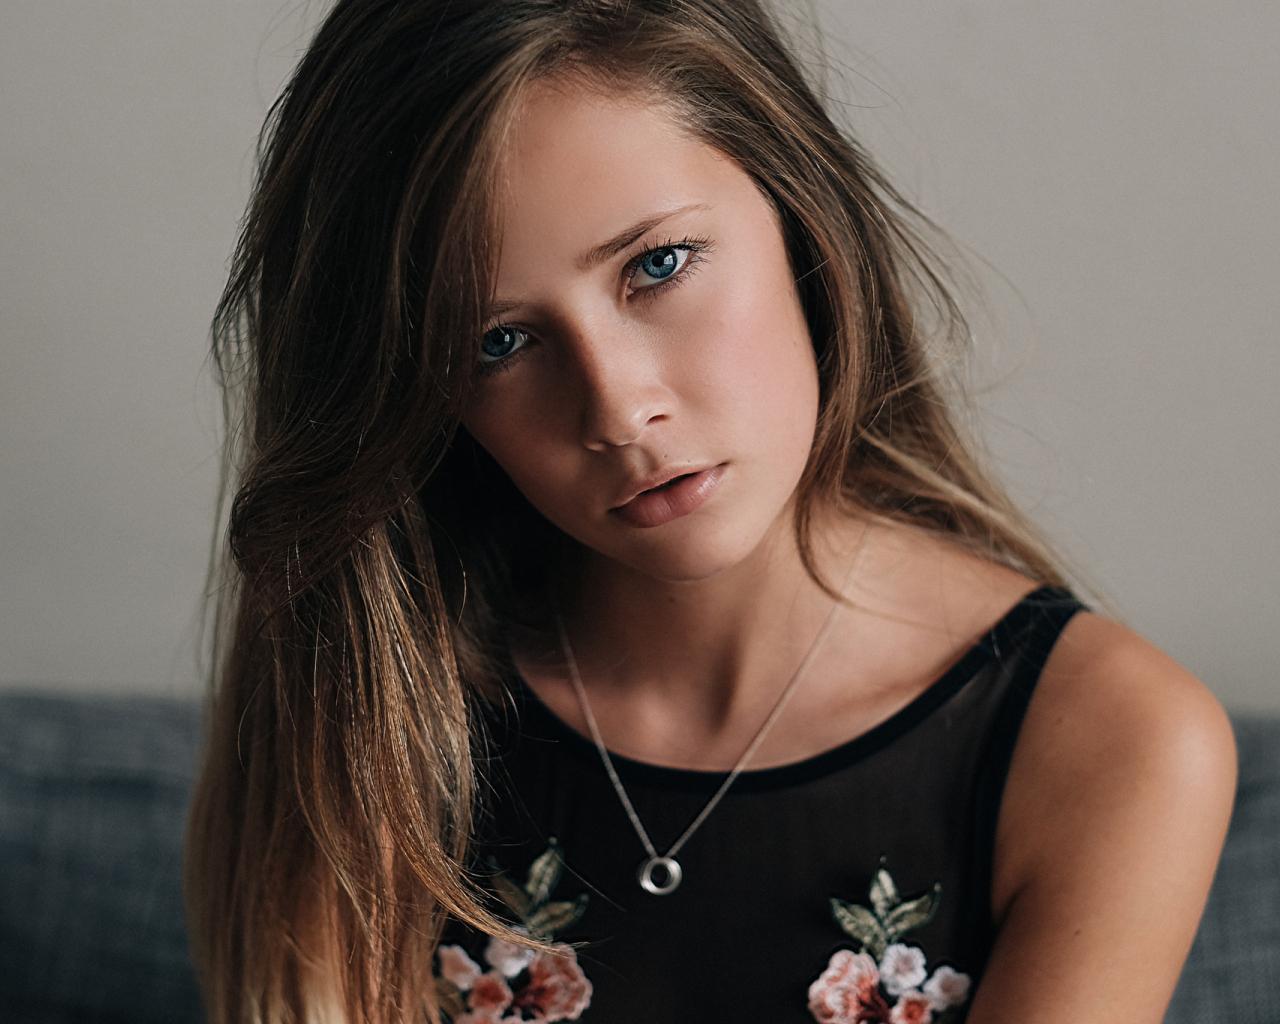 1280x1024 wallpaper Face, girl model, brunette